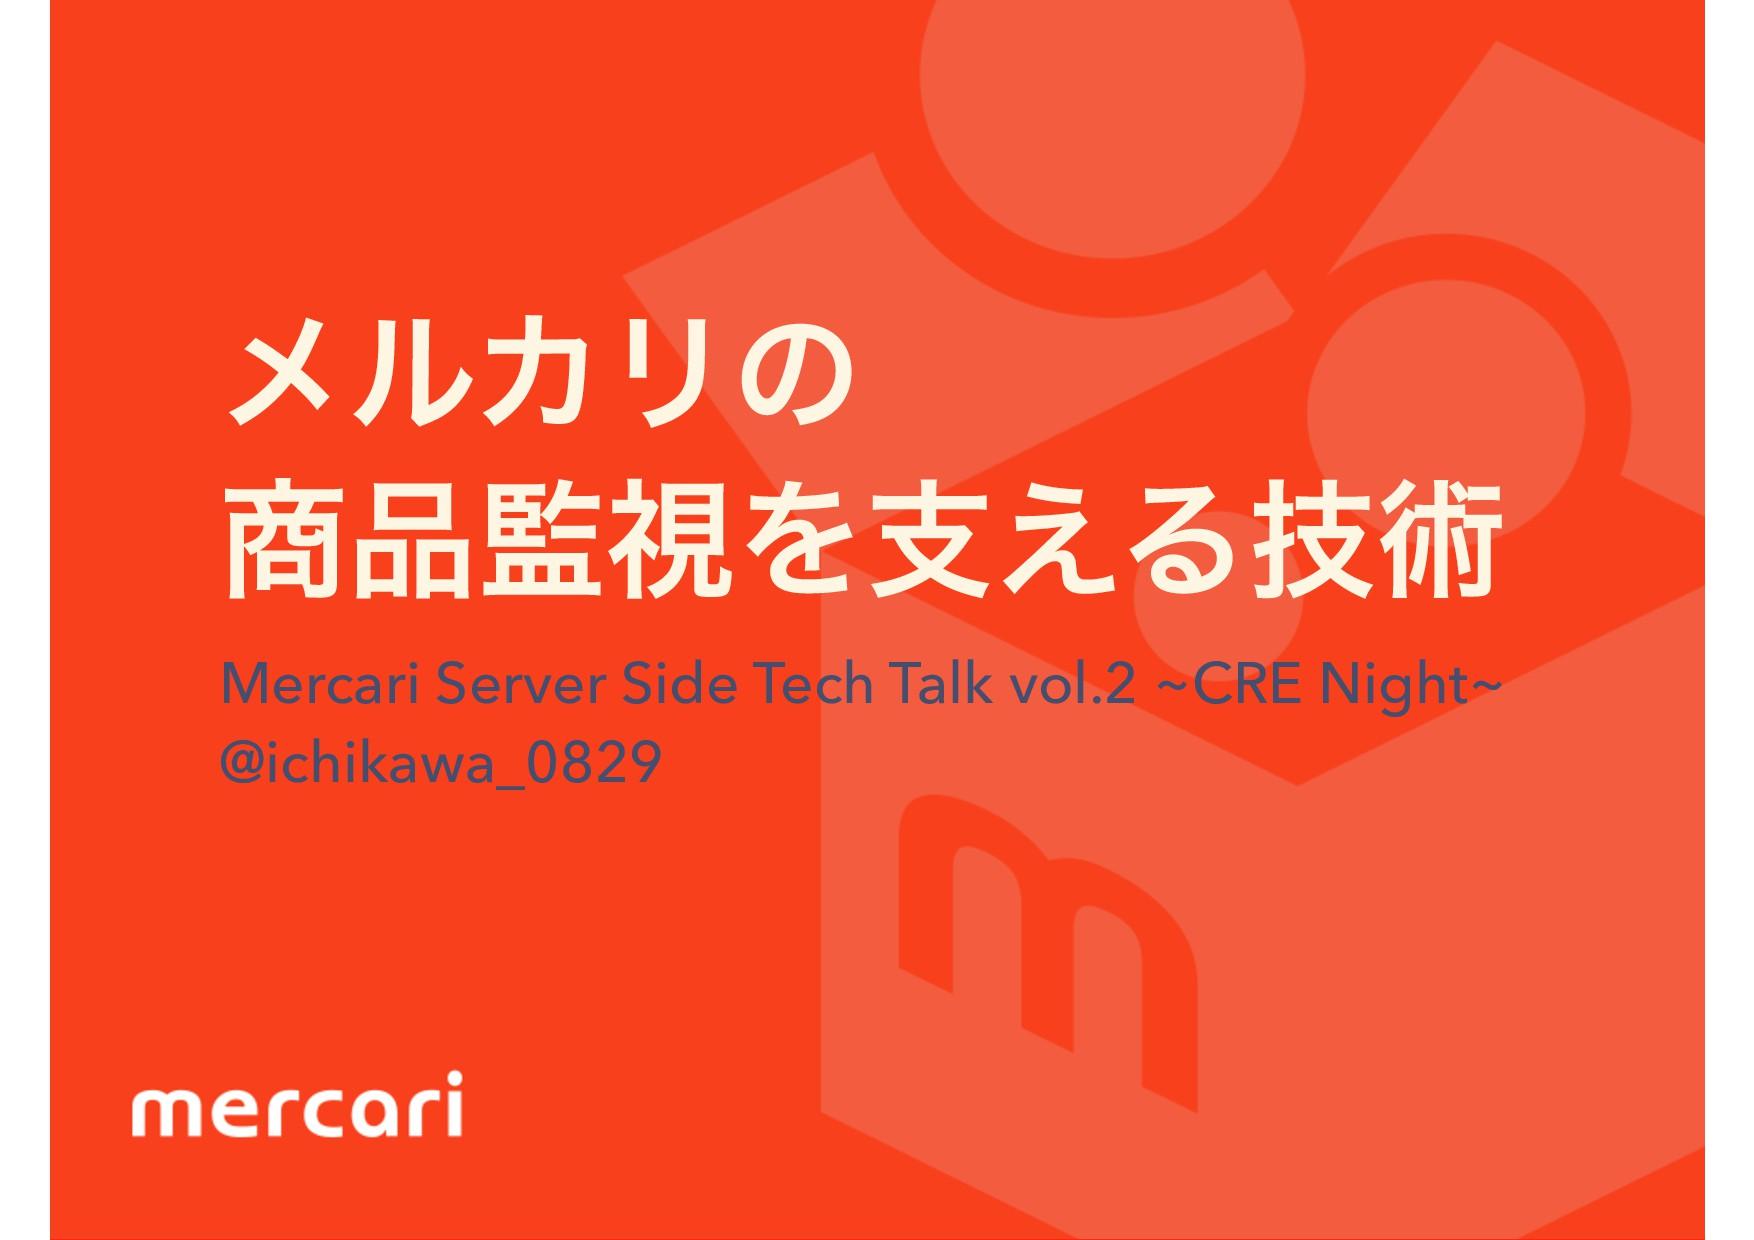 ϝϧΧϦͷ ࢹΛࢧ͑Δٕज़ Mercari Server Side Tech Talk ...